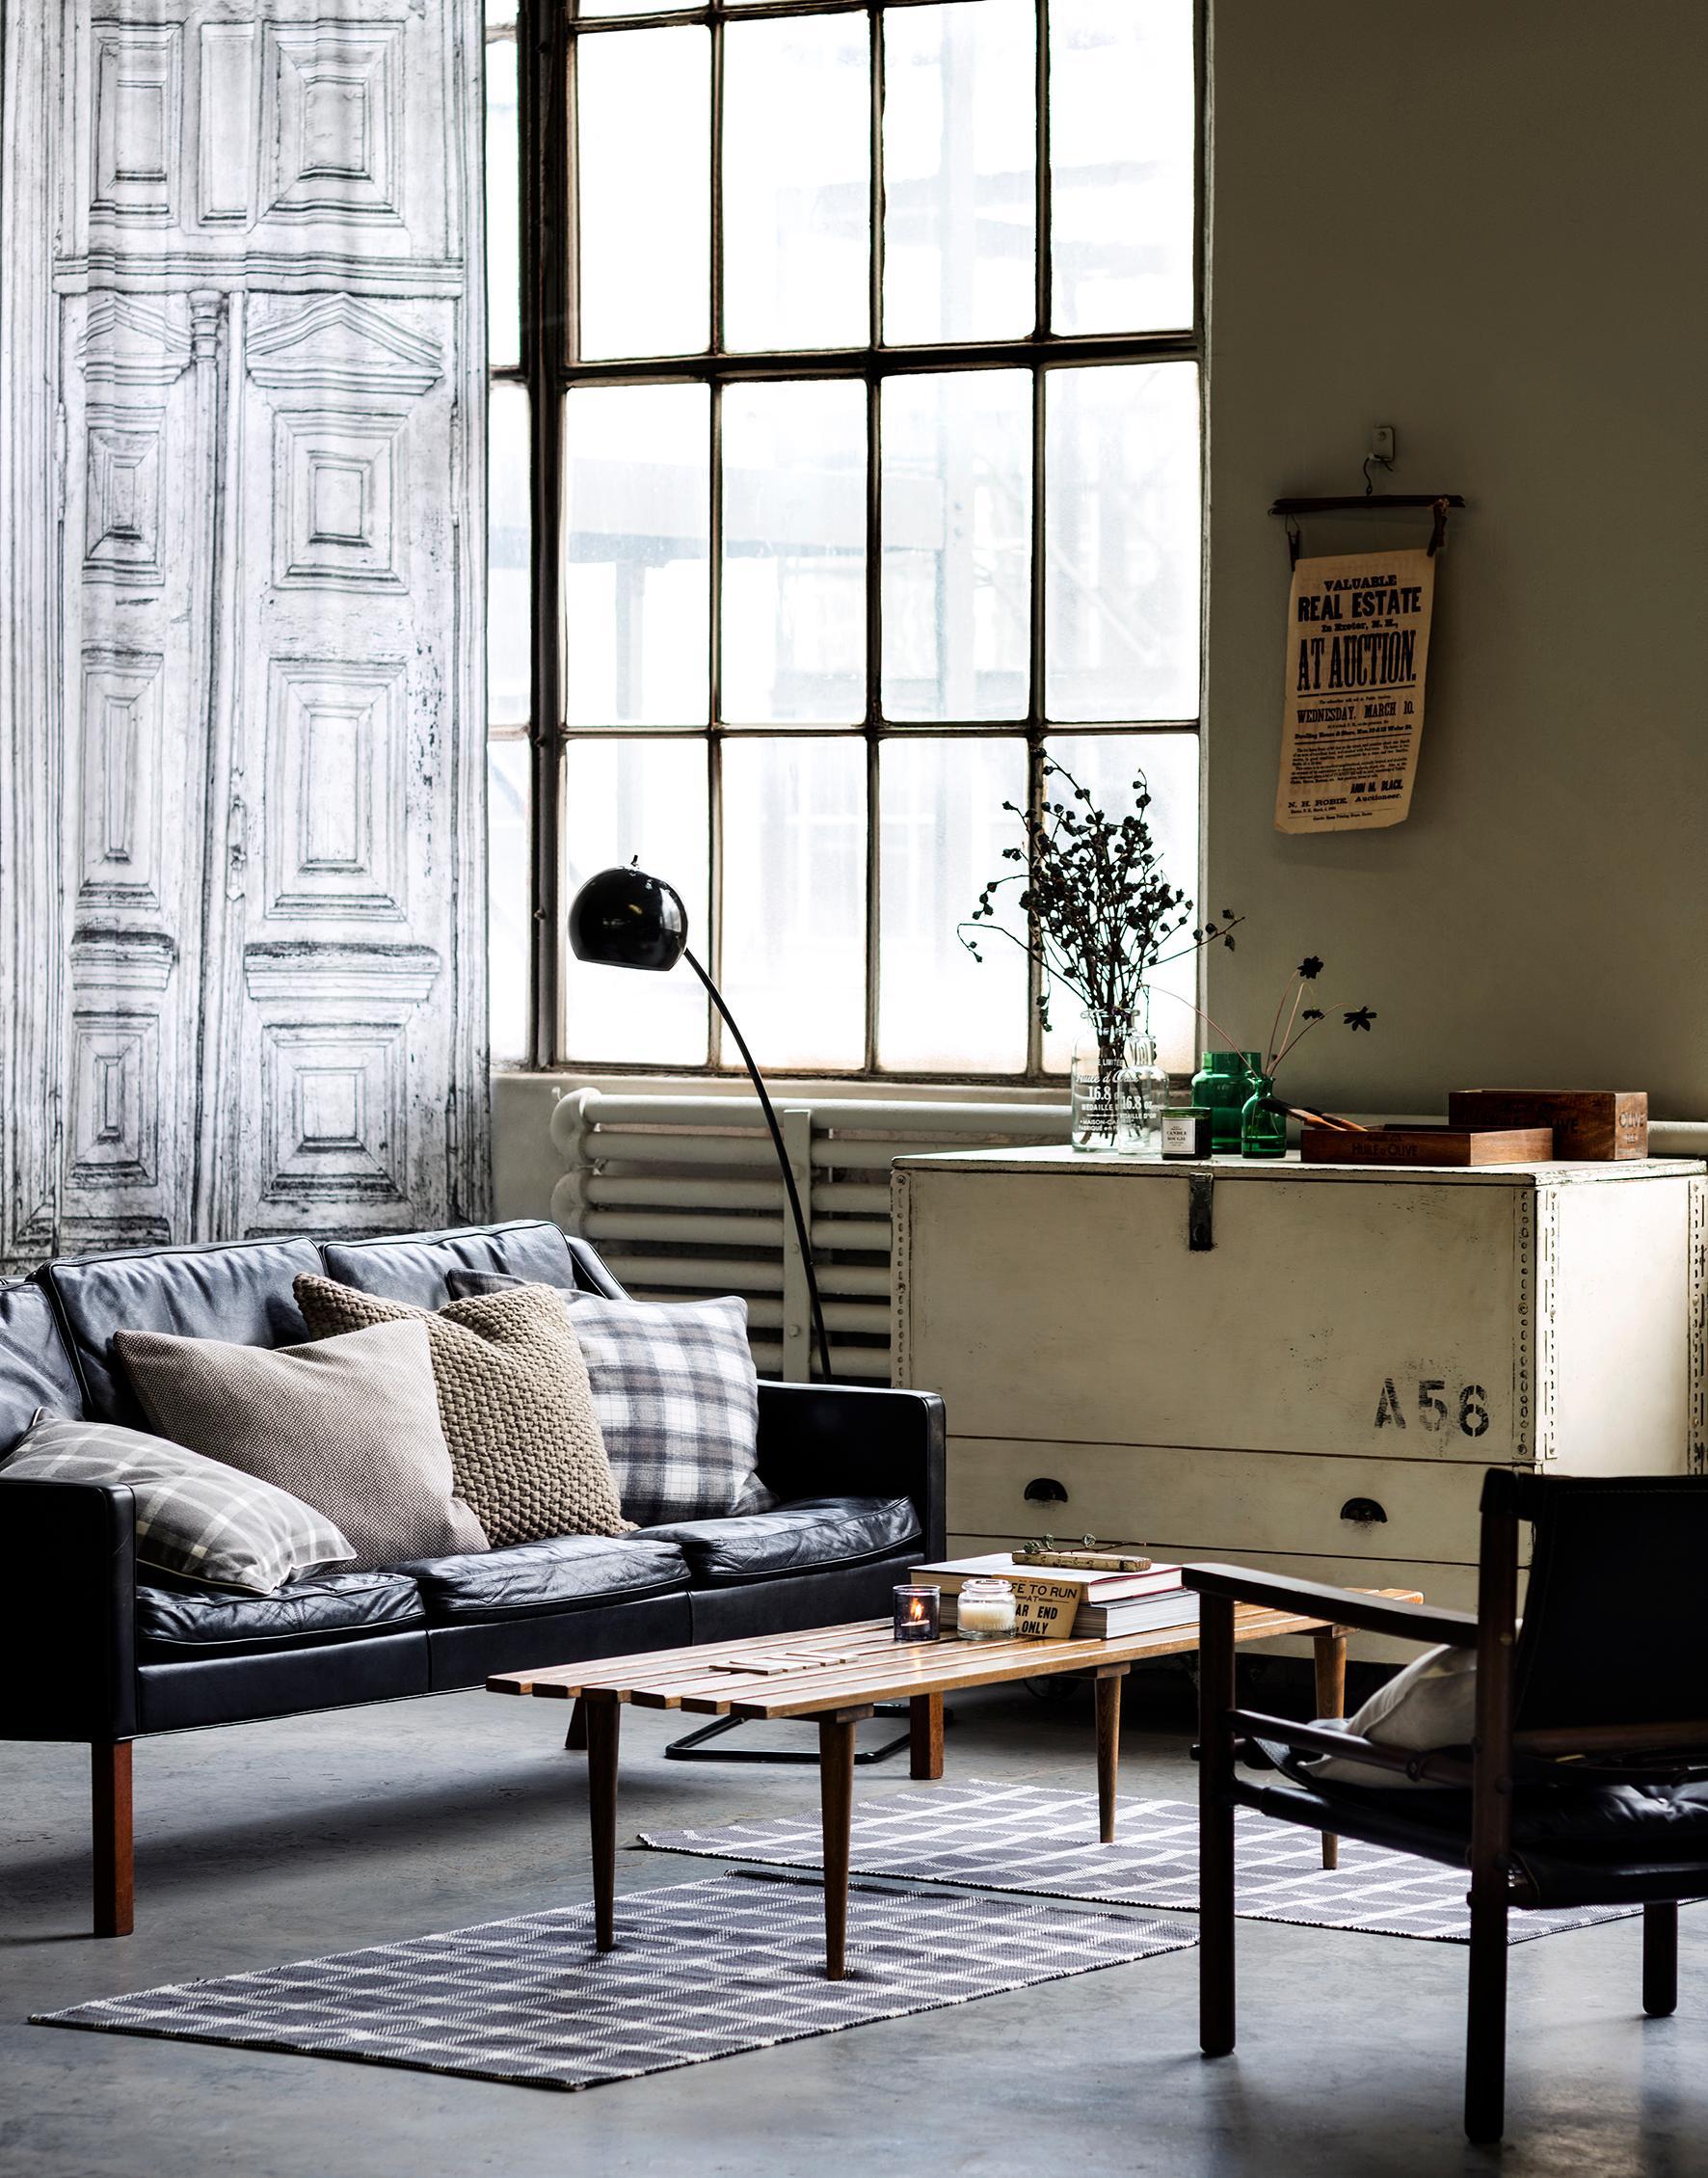 ledersofa • bilder & ideen • couchstyle, Hause deko